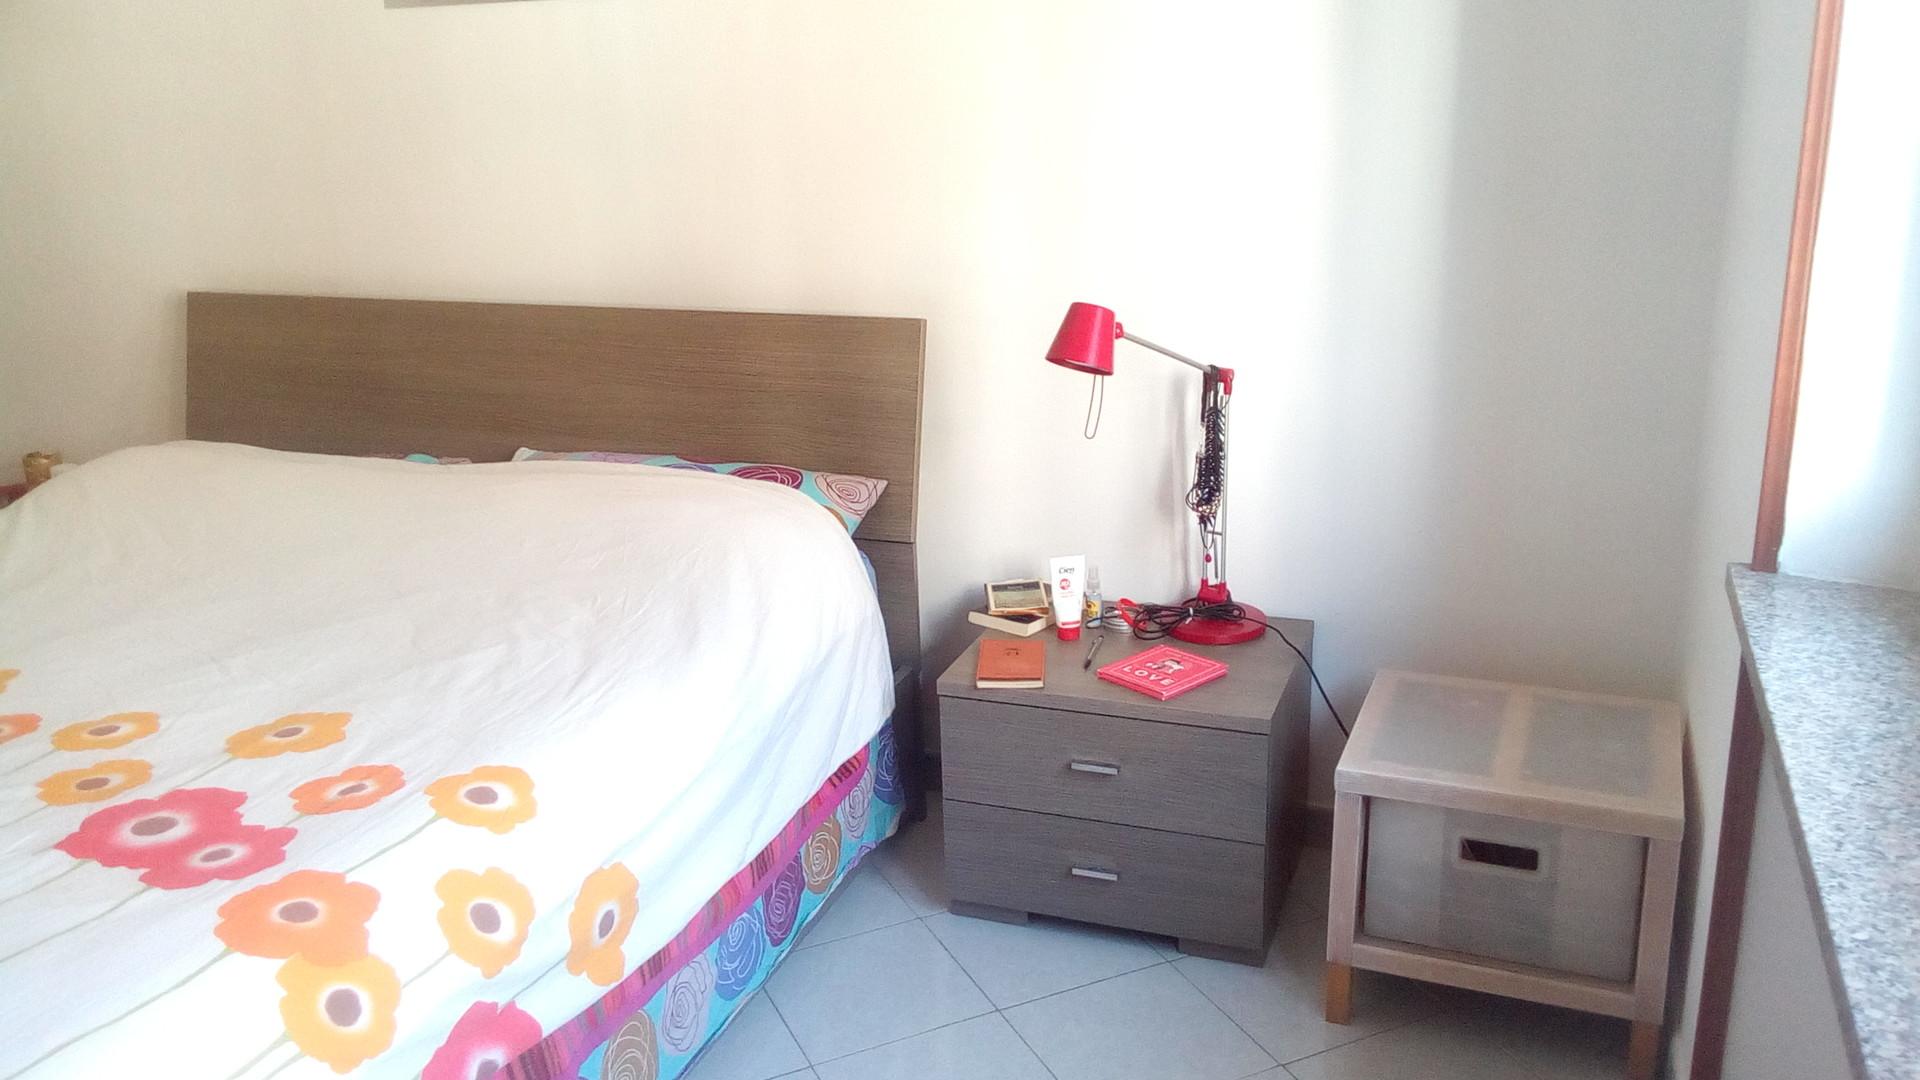 Camera singola con letto matrimoniale | Room for rent Turin